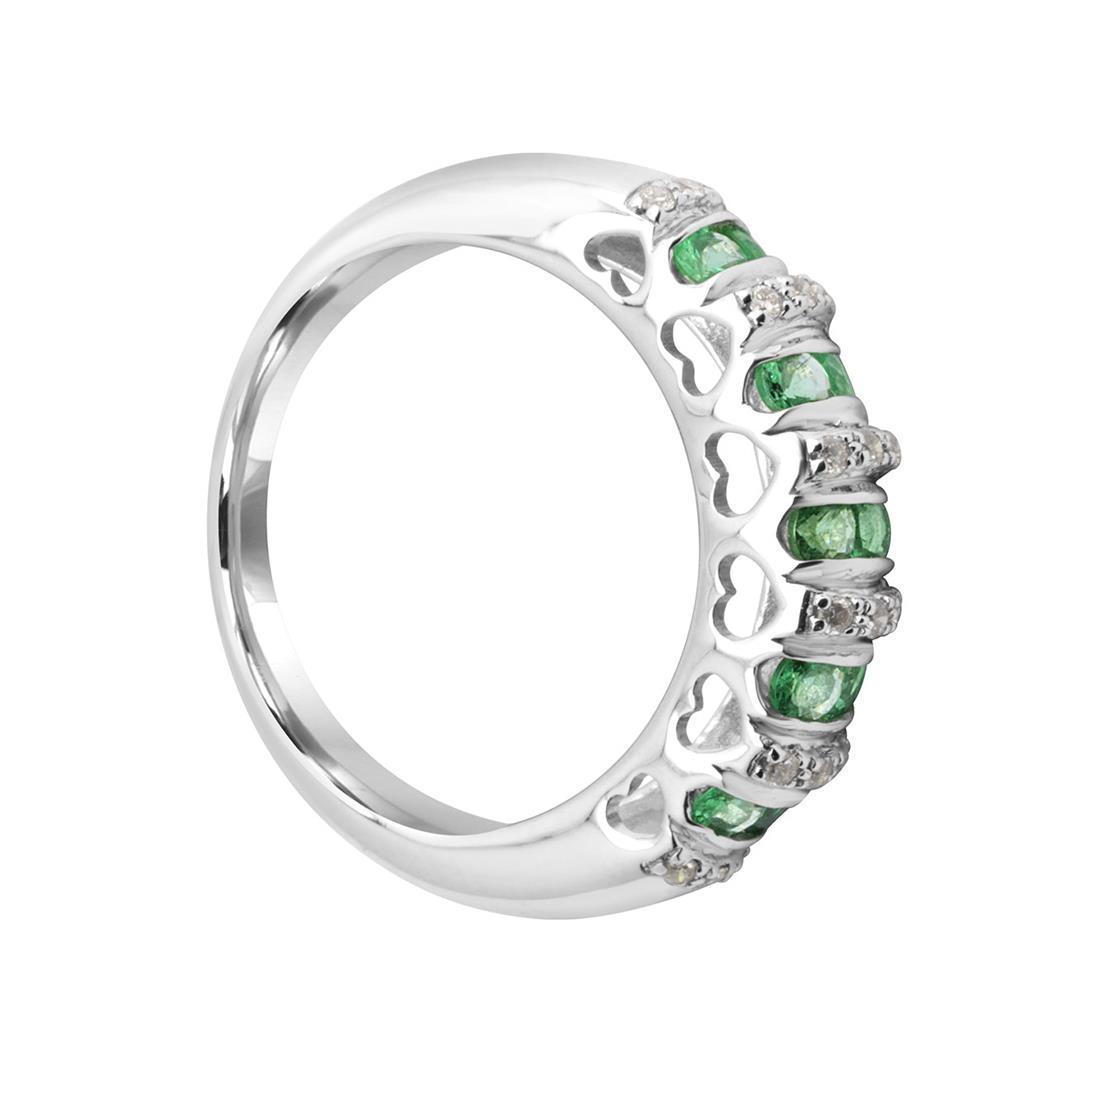 Anello in oro bianco con smeraldi e diamanti - BLISS